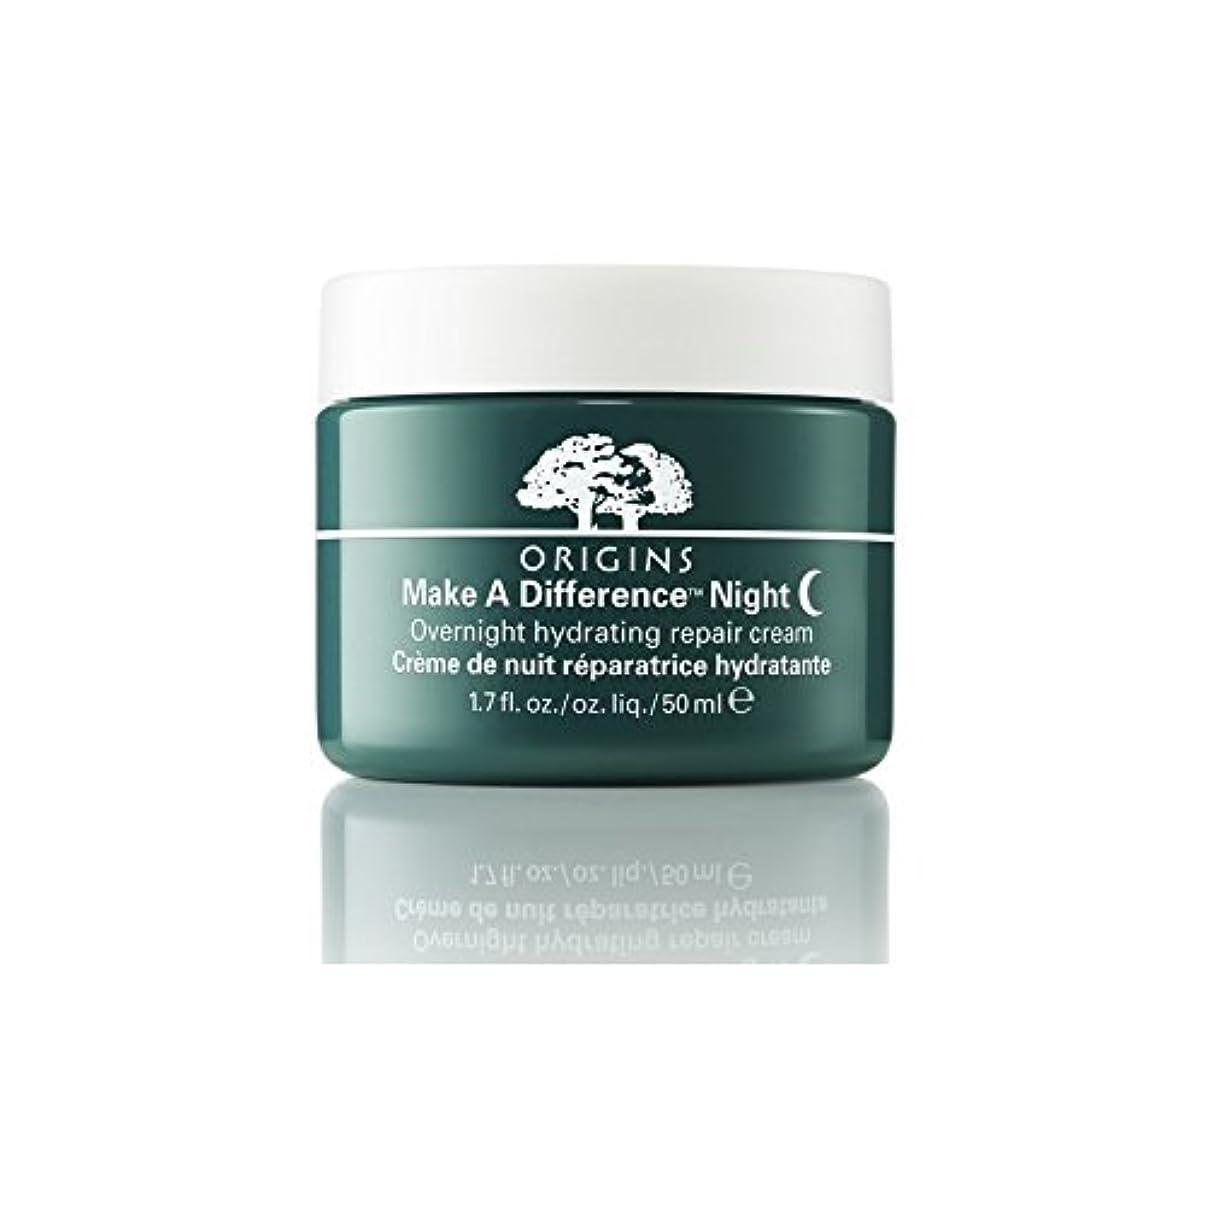 ドル抽象クラシカルOrigins Make A Difference Overnight Hydrating Repair Cream 50ml (Pack of 6) - 起源は違い、一晩水和リペアクリーム50ミリリットルを作ります x6...